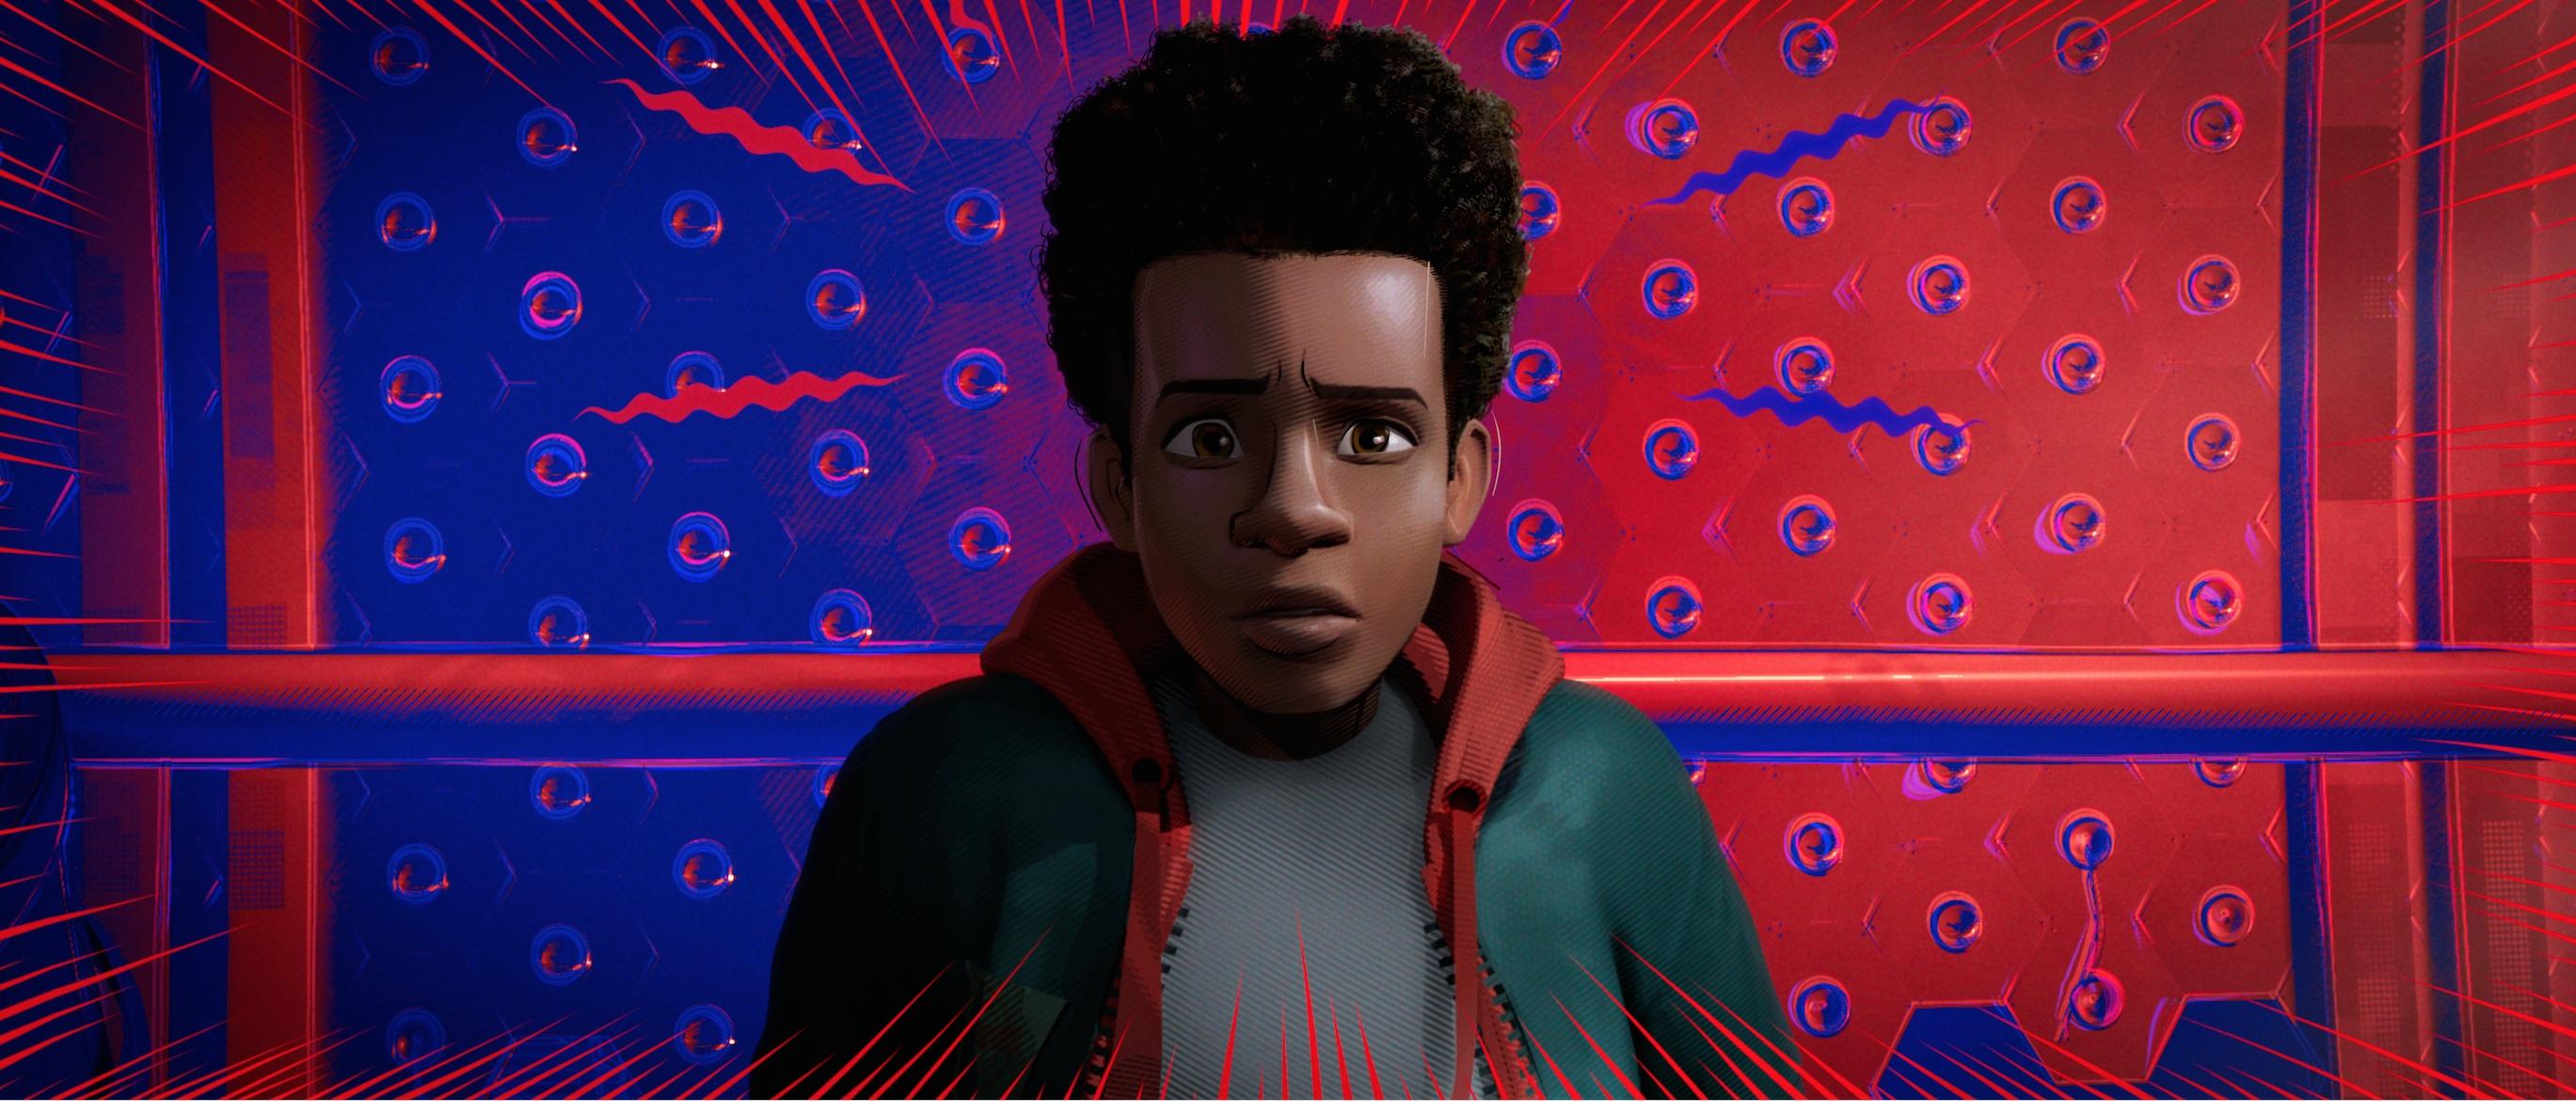 """С миру по нитке: Рецензия на мультфильм """"Человек-паук: Через вселенные"""""""